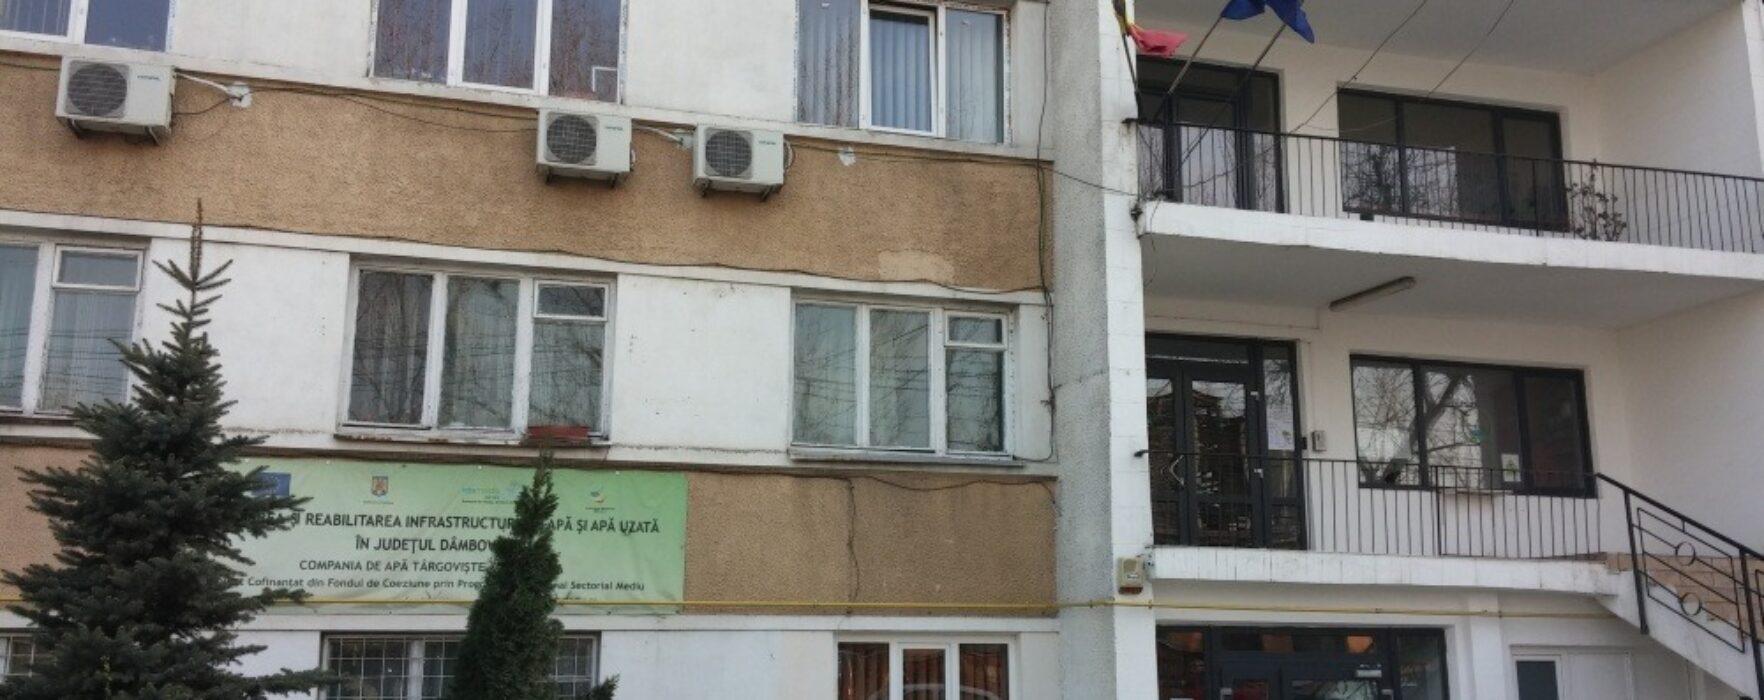 Dâmboviţa: Compania de apă nu va percepe în următoarele luni taxe pentru branşarea la apă şi canal